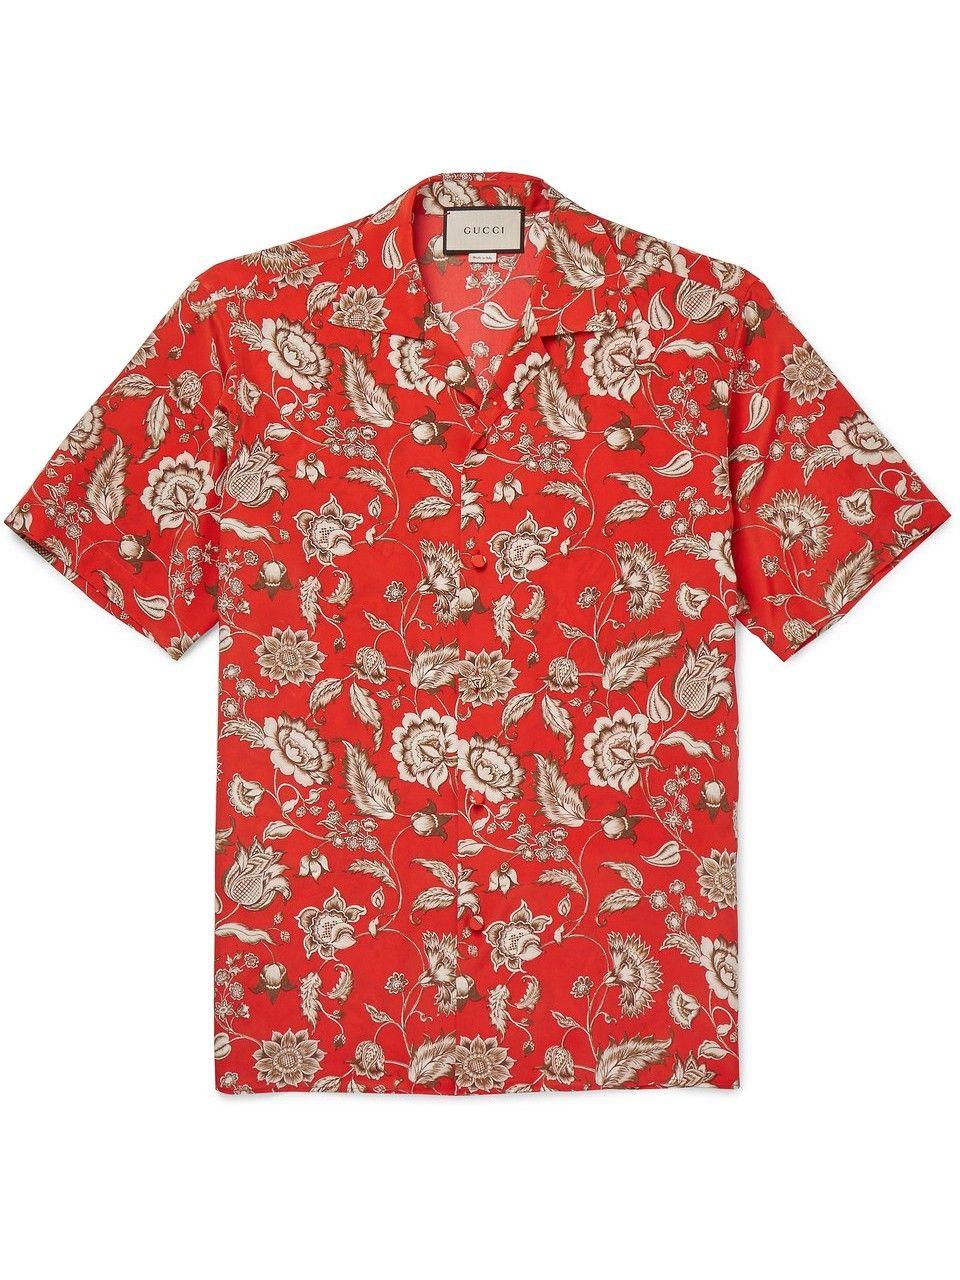 c9695609460 GUCCI Floral-Print Silk Crepe De Chine Shirt.  gucci  cloth ...